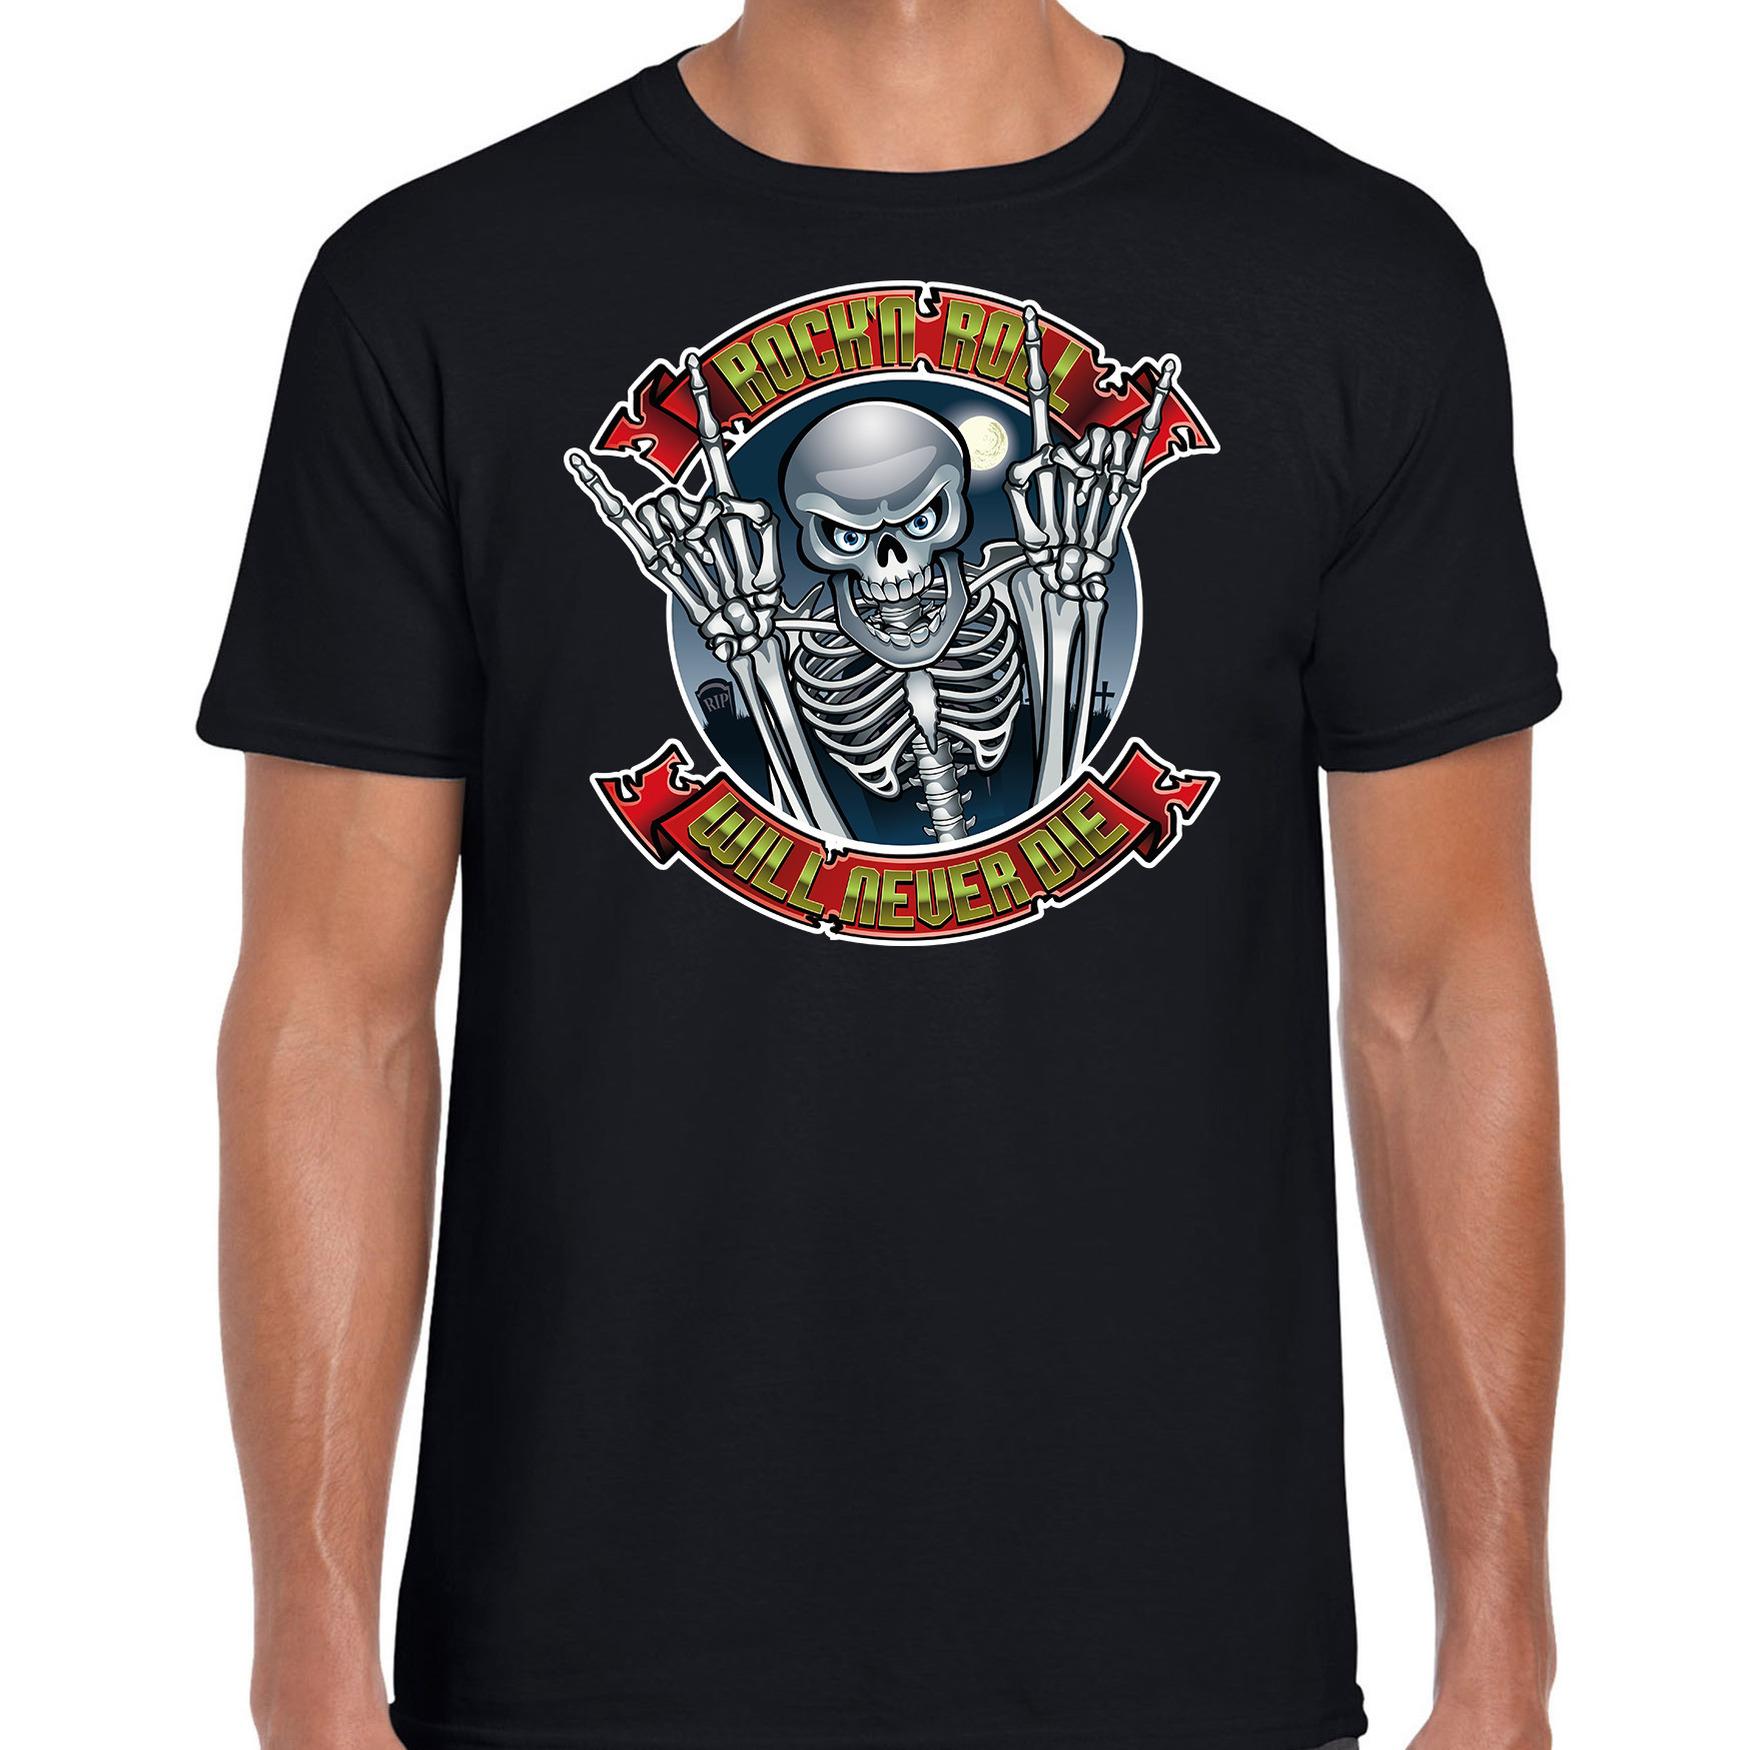 Rock en roll skelet horror shirt zwart voor heren